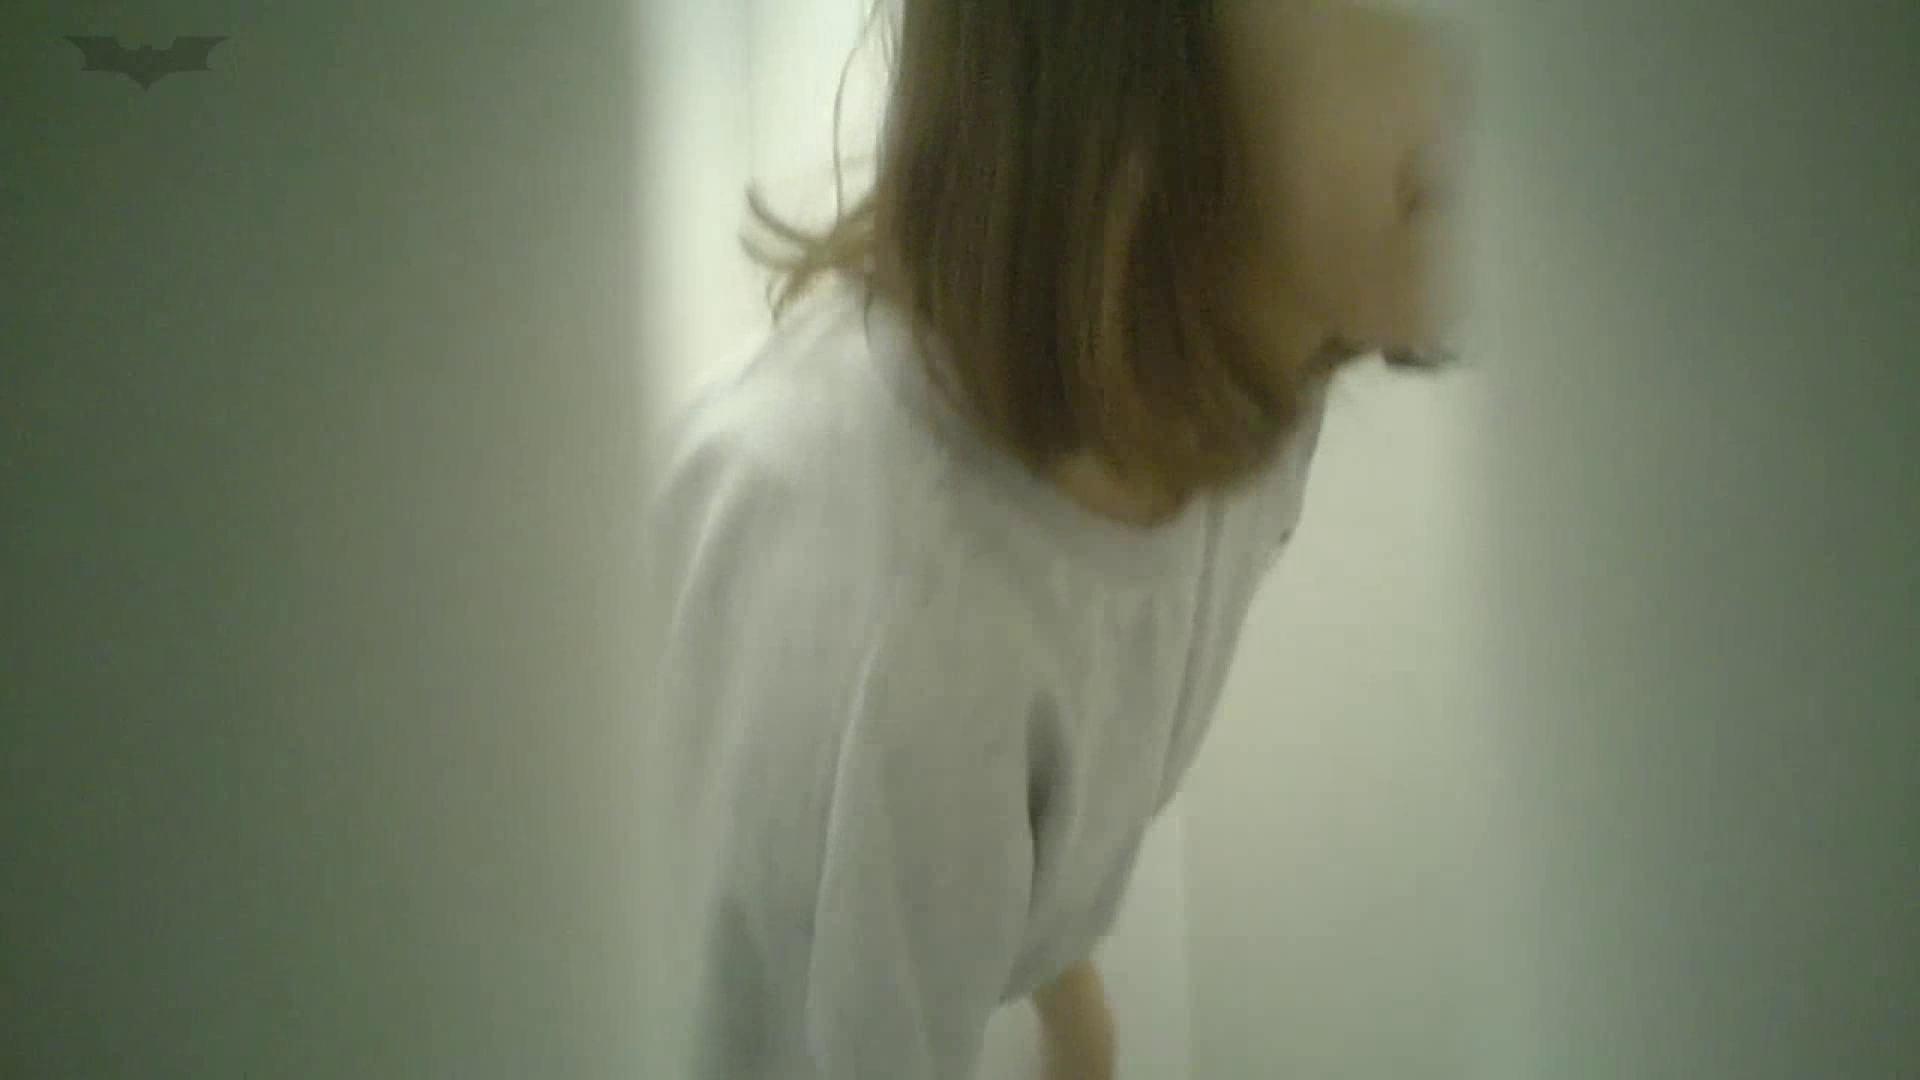 ハメ撮り 有名大学女性洗面所 vol.40 ??おまじない的な動きをする子がいます。 怪盗ジョーカー